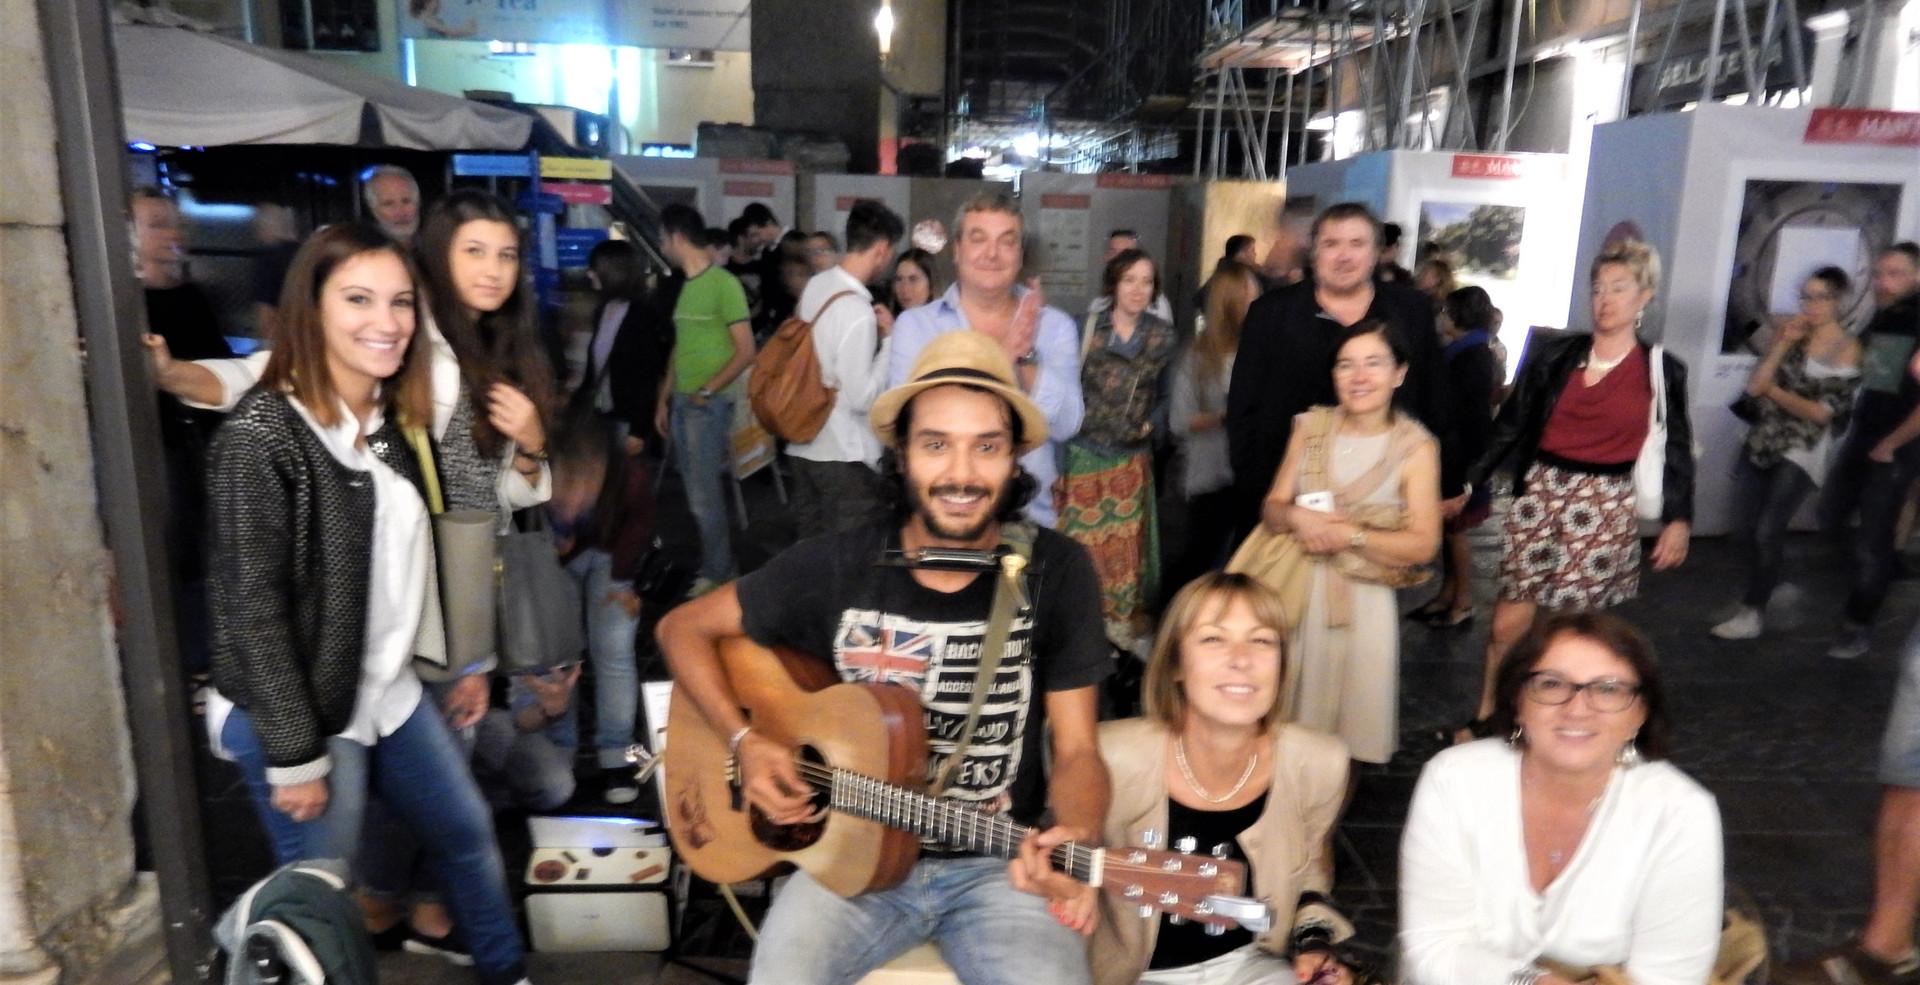 20150912_FieraVintage_Mantova (7).JPG